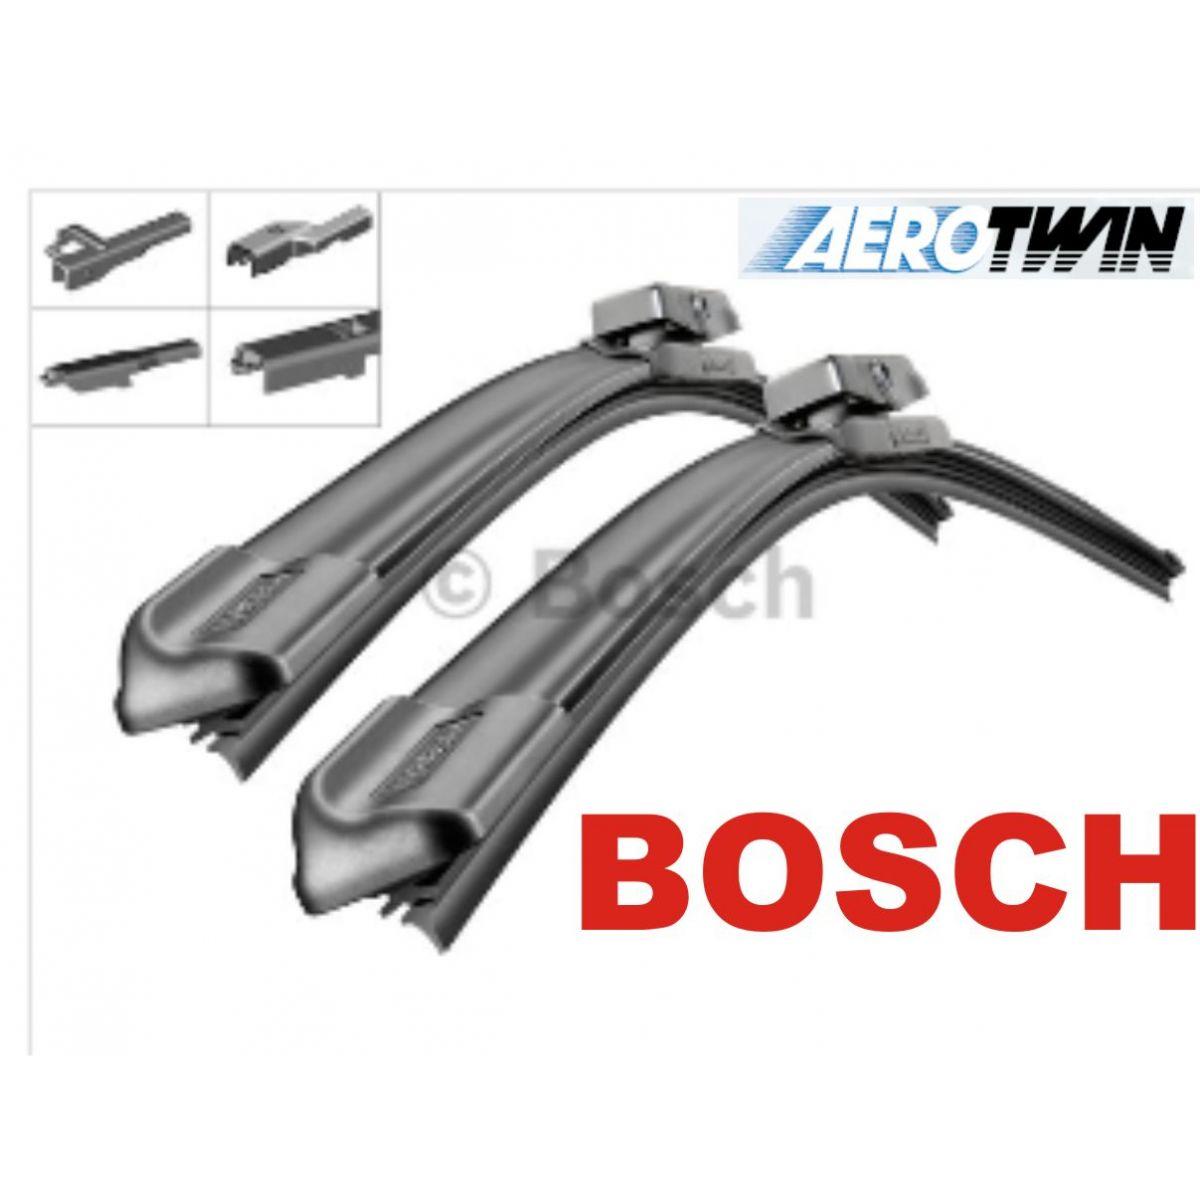 Palheta Bosch Aerotwin Plus Limpador de para brisa Bosch M5 [F 10] 2014 em diante